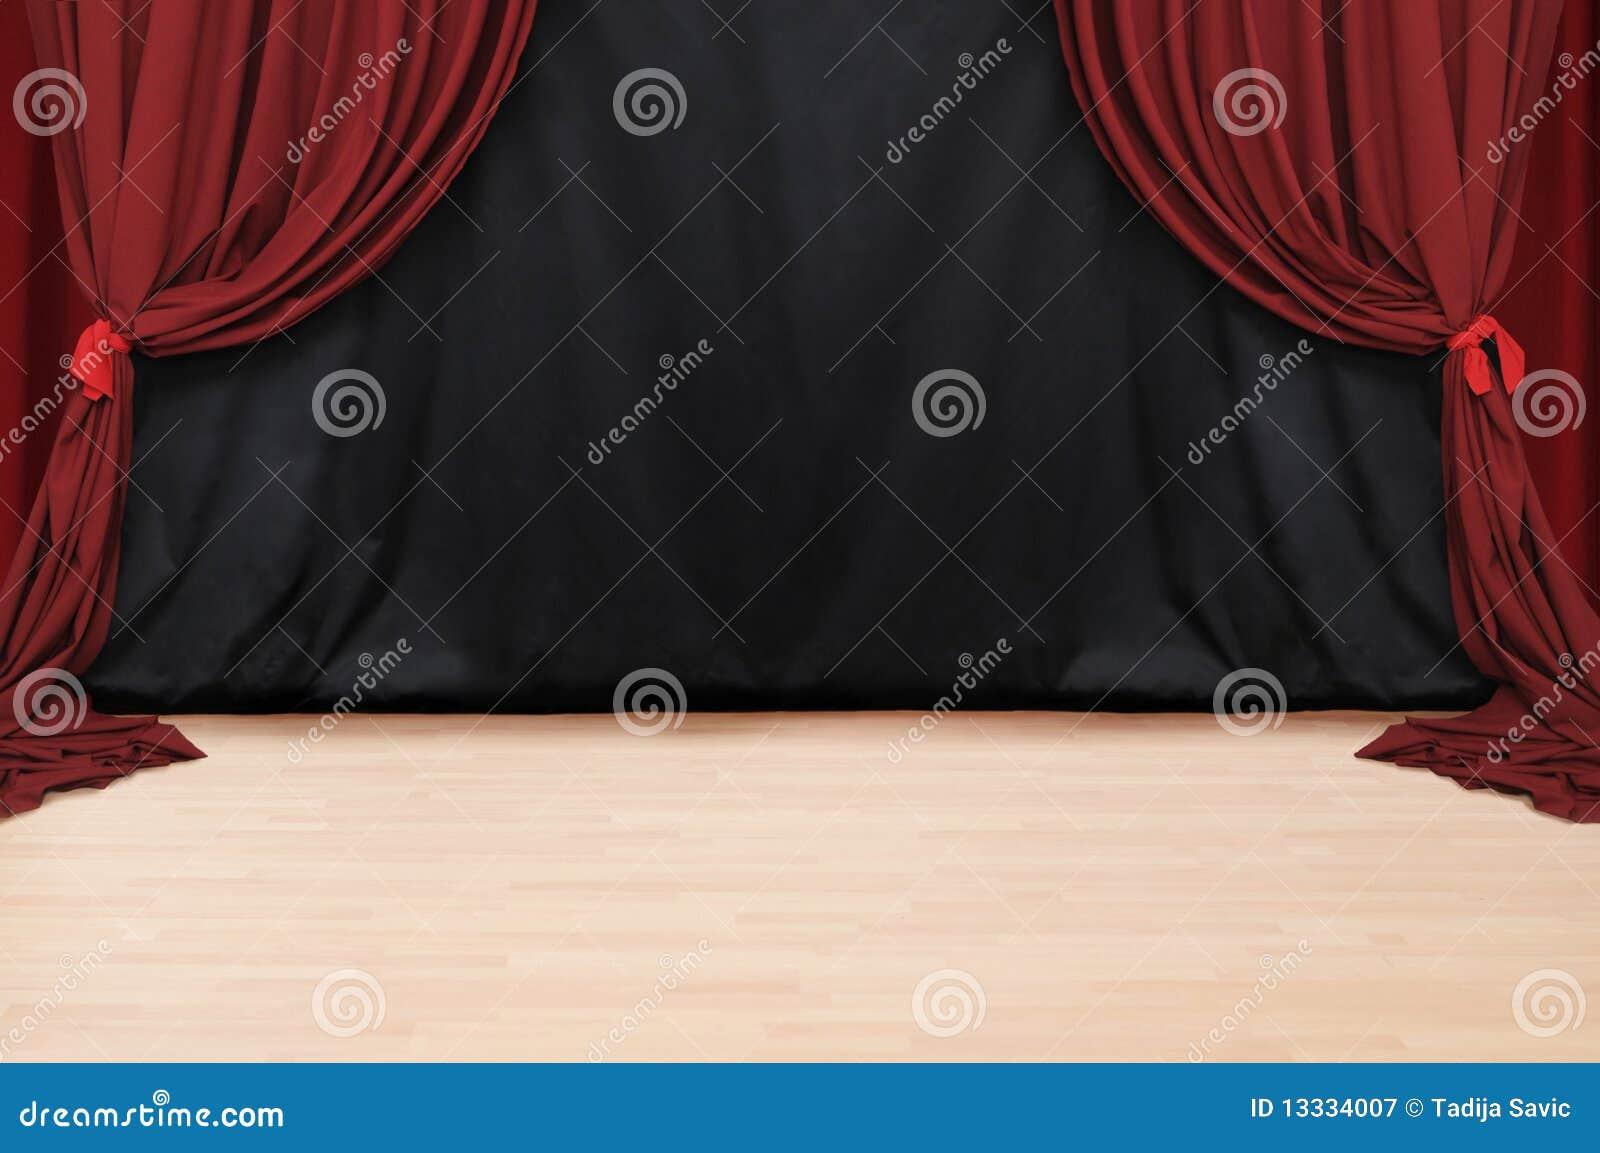 Teatru czerwony aksamit